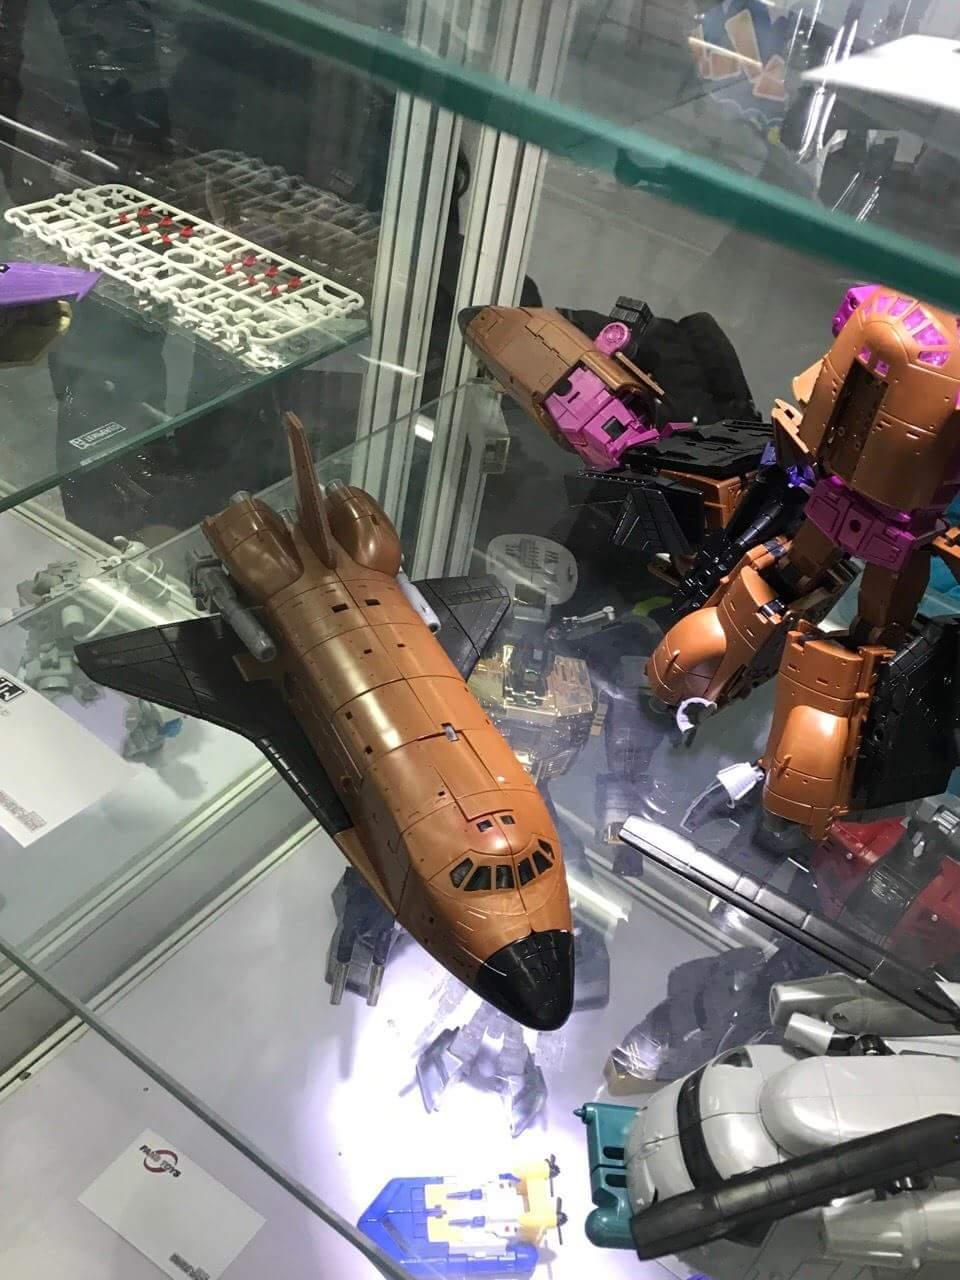 [Zeta Toys] Produit Tiers - Armageddon (ZA-01 à ZA-05) - ZA-06 Bruticon - ZA-07 Bruticon ― aka Bruticus (Studio OX, couleurs G1, métallique) 4heoAVsM